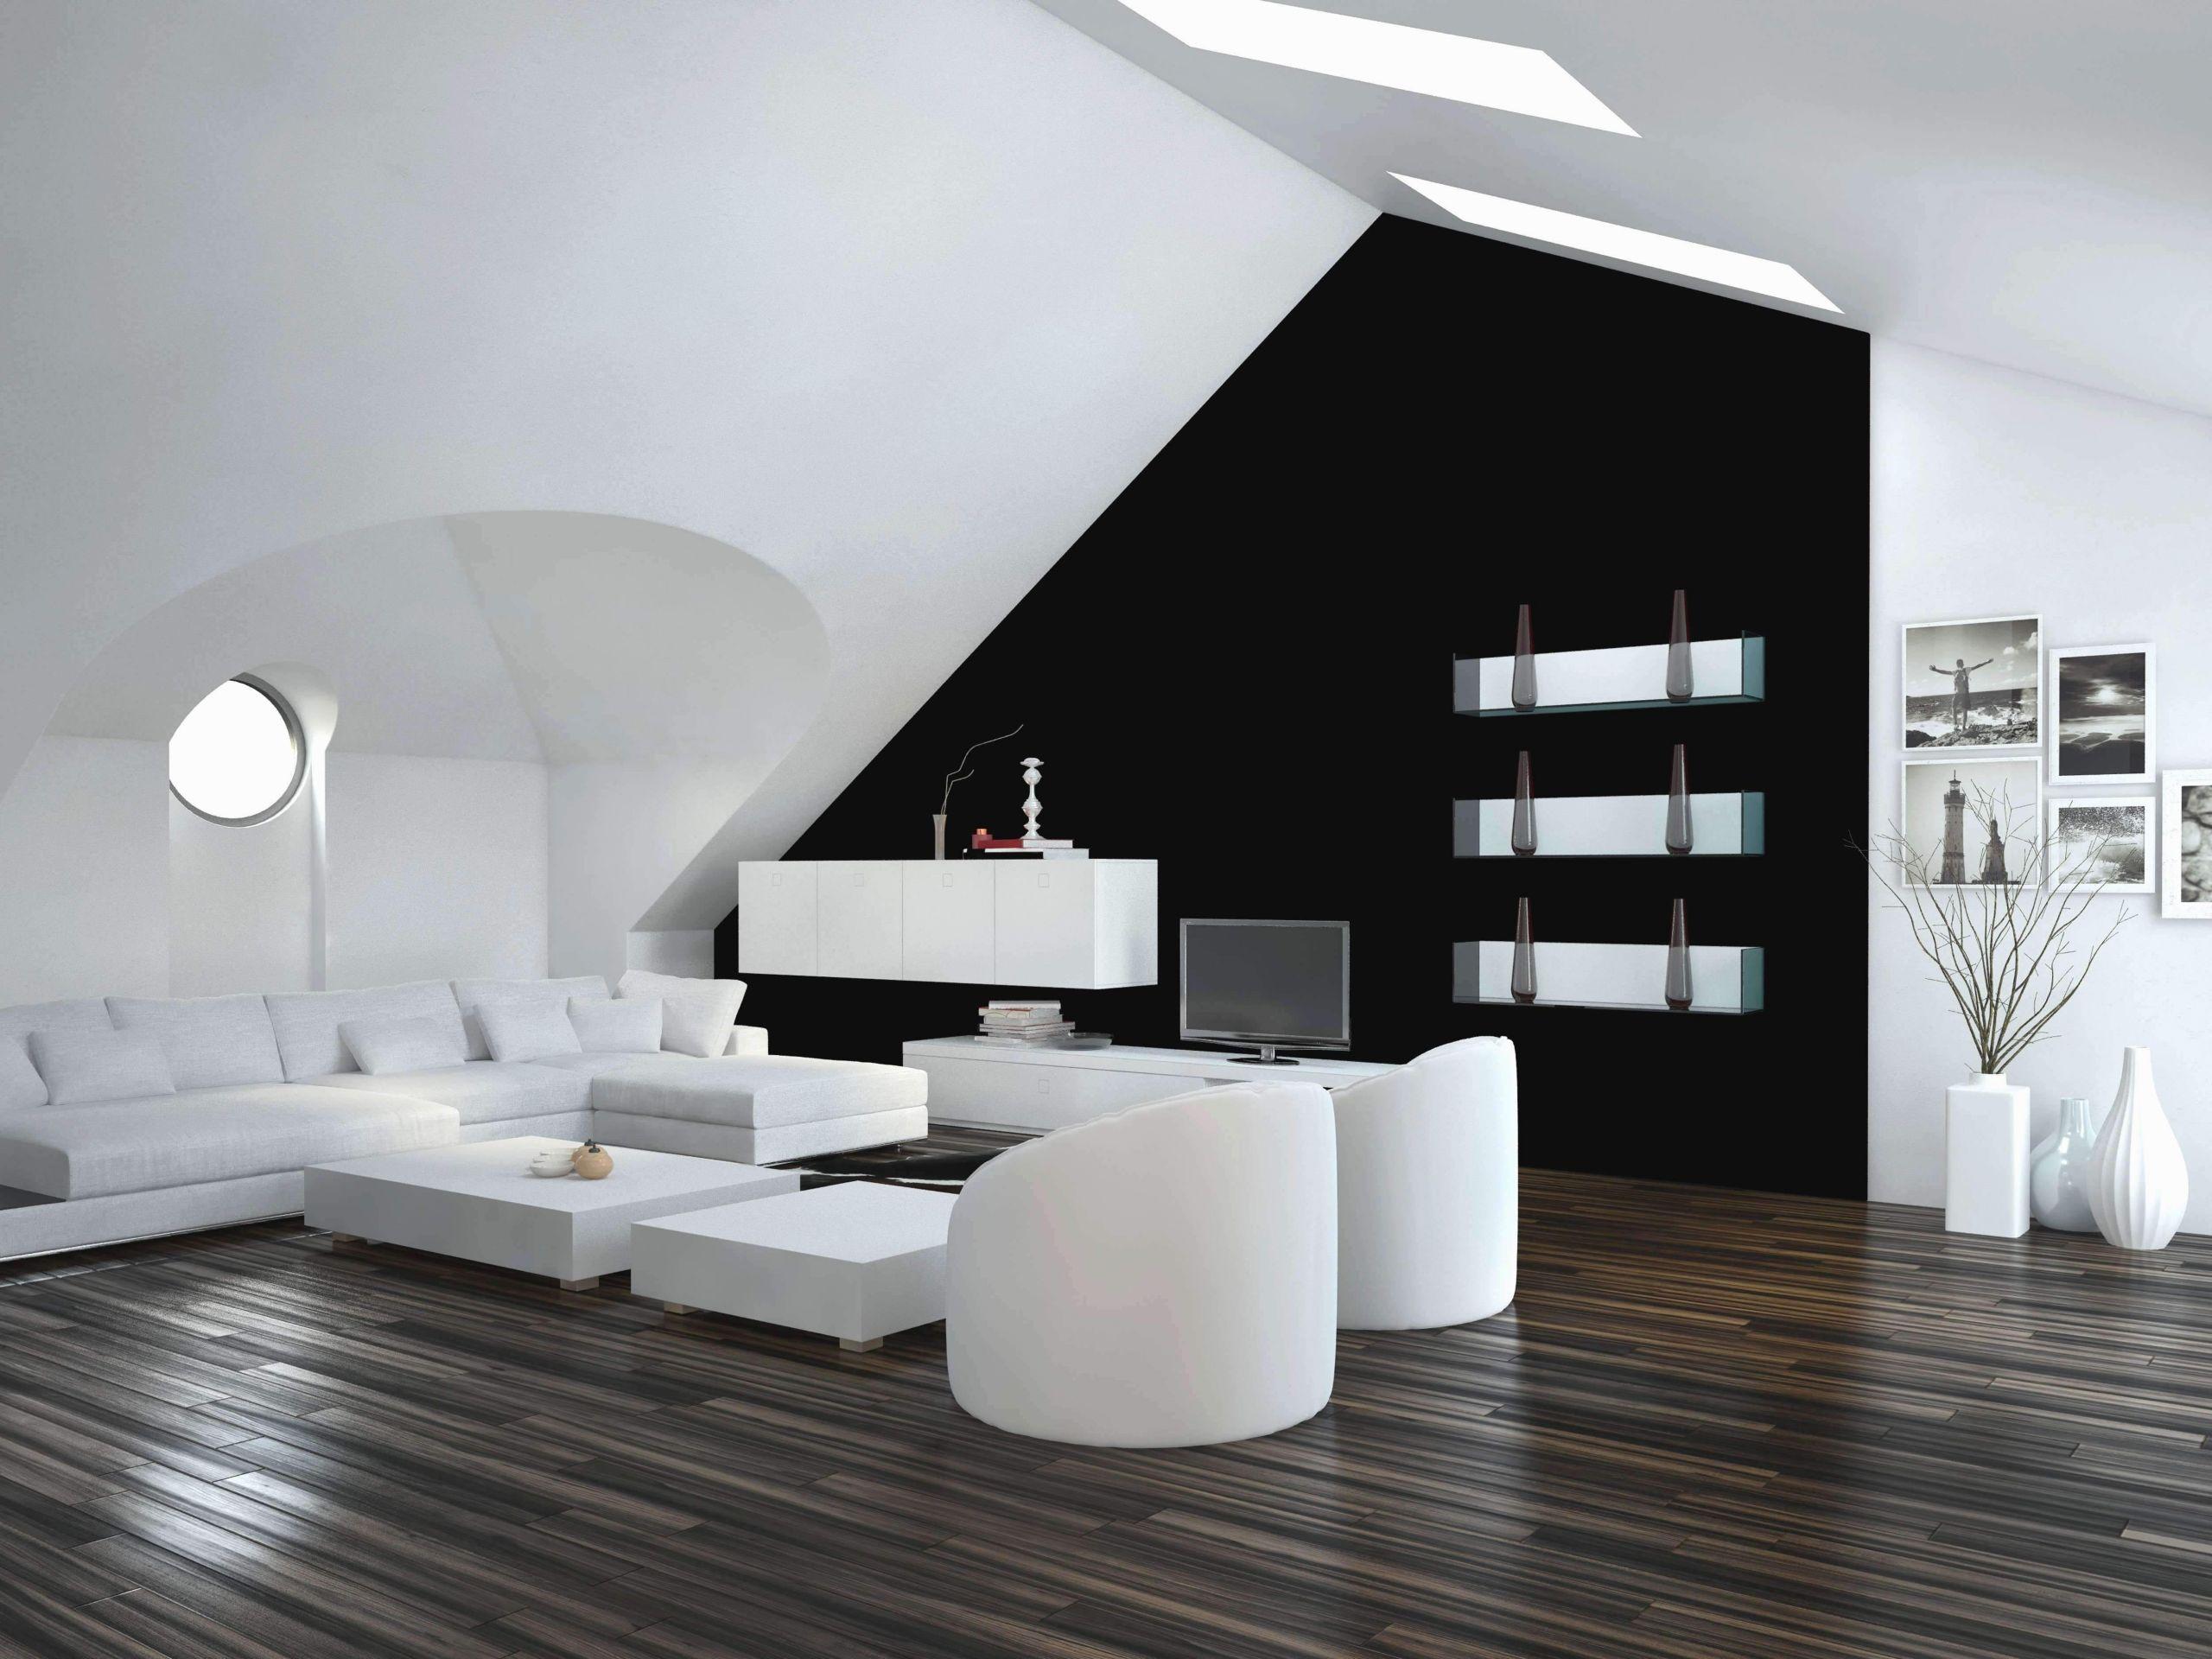 Full Size of Beleuchtung Wohnzimmer Landhausstil Deckenlampen Modern Relaxliege Fototapete Led Teppiche Hängeschrank Weiß Hochglanz Schrankwand Deckenlampe Hängelampe Wohnzimmer Dekorationsideen Wohnzimmer